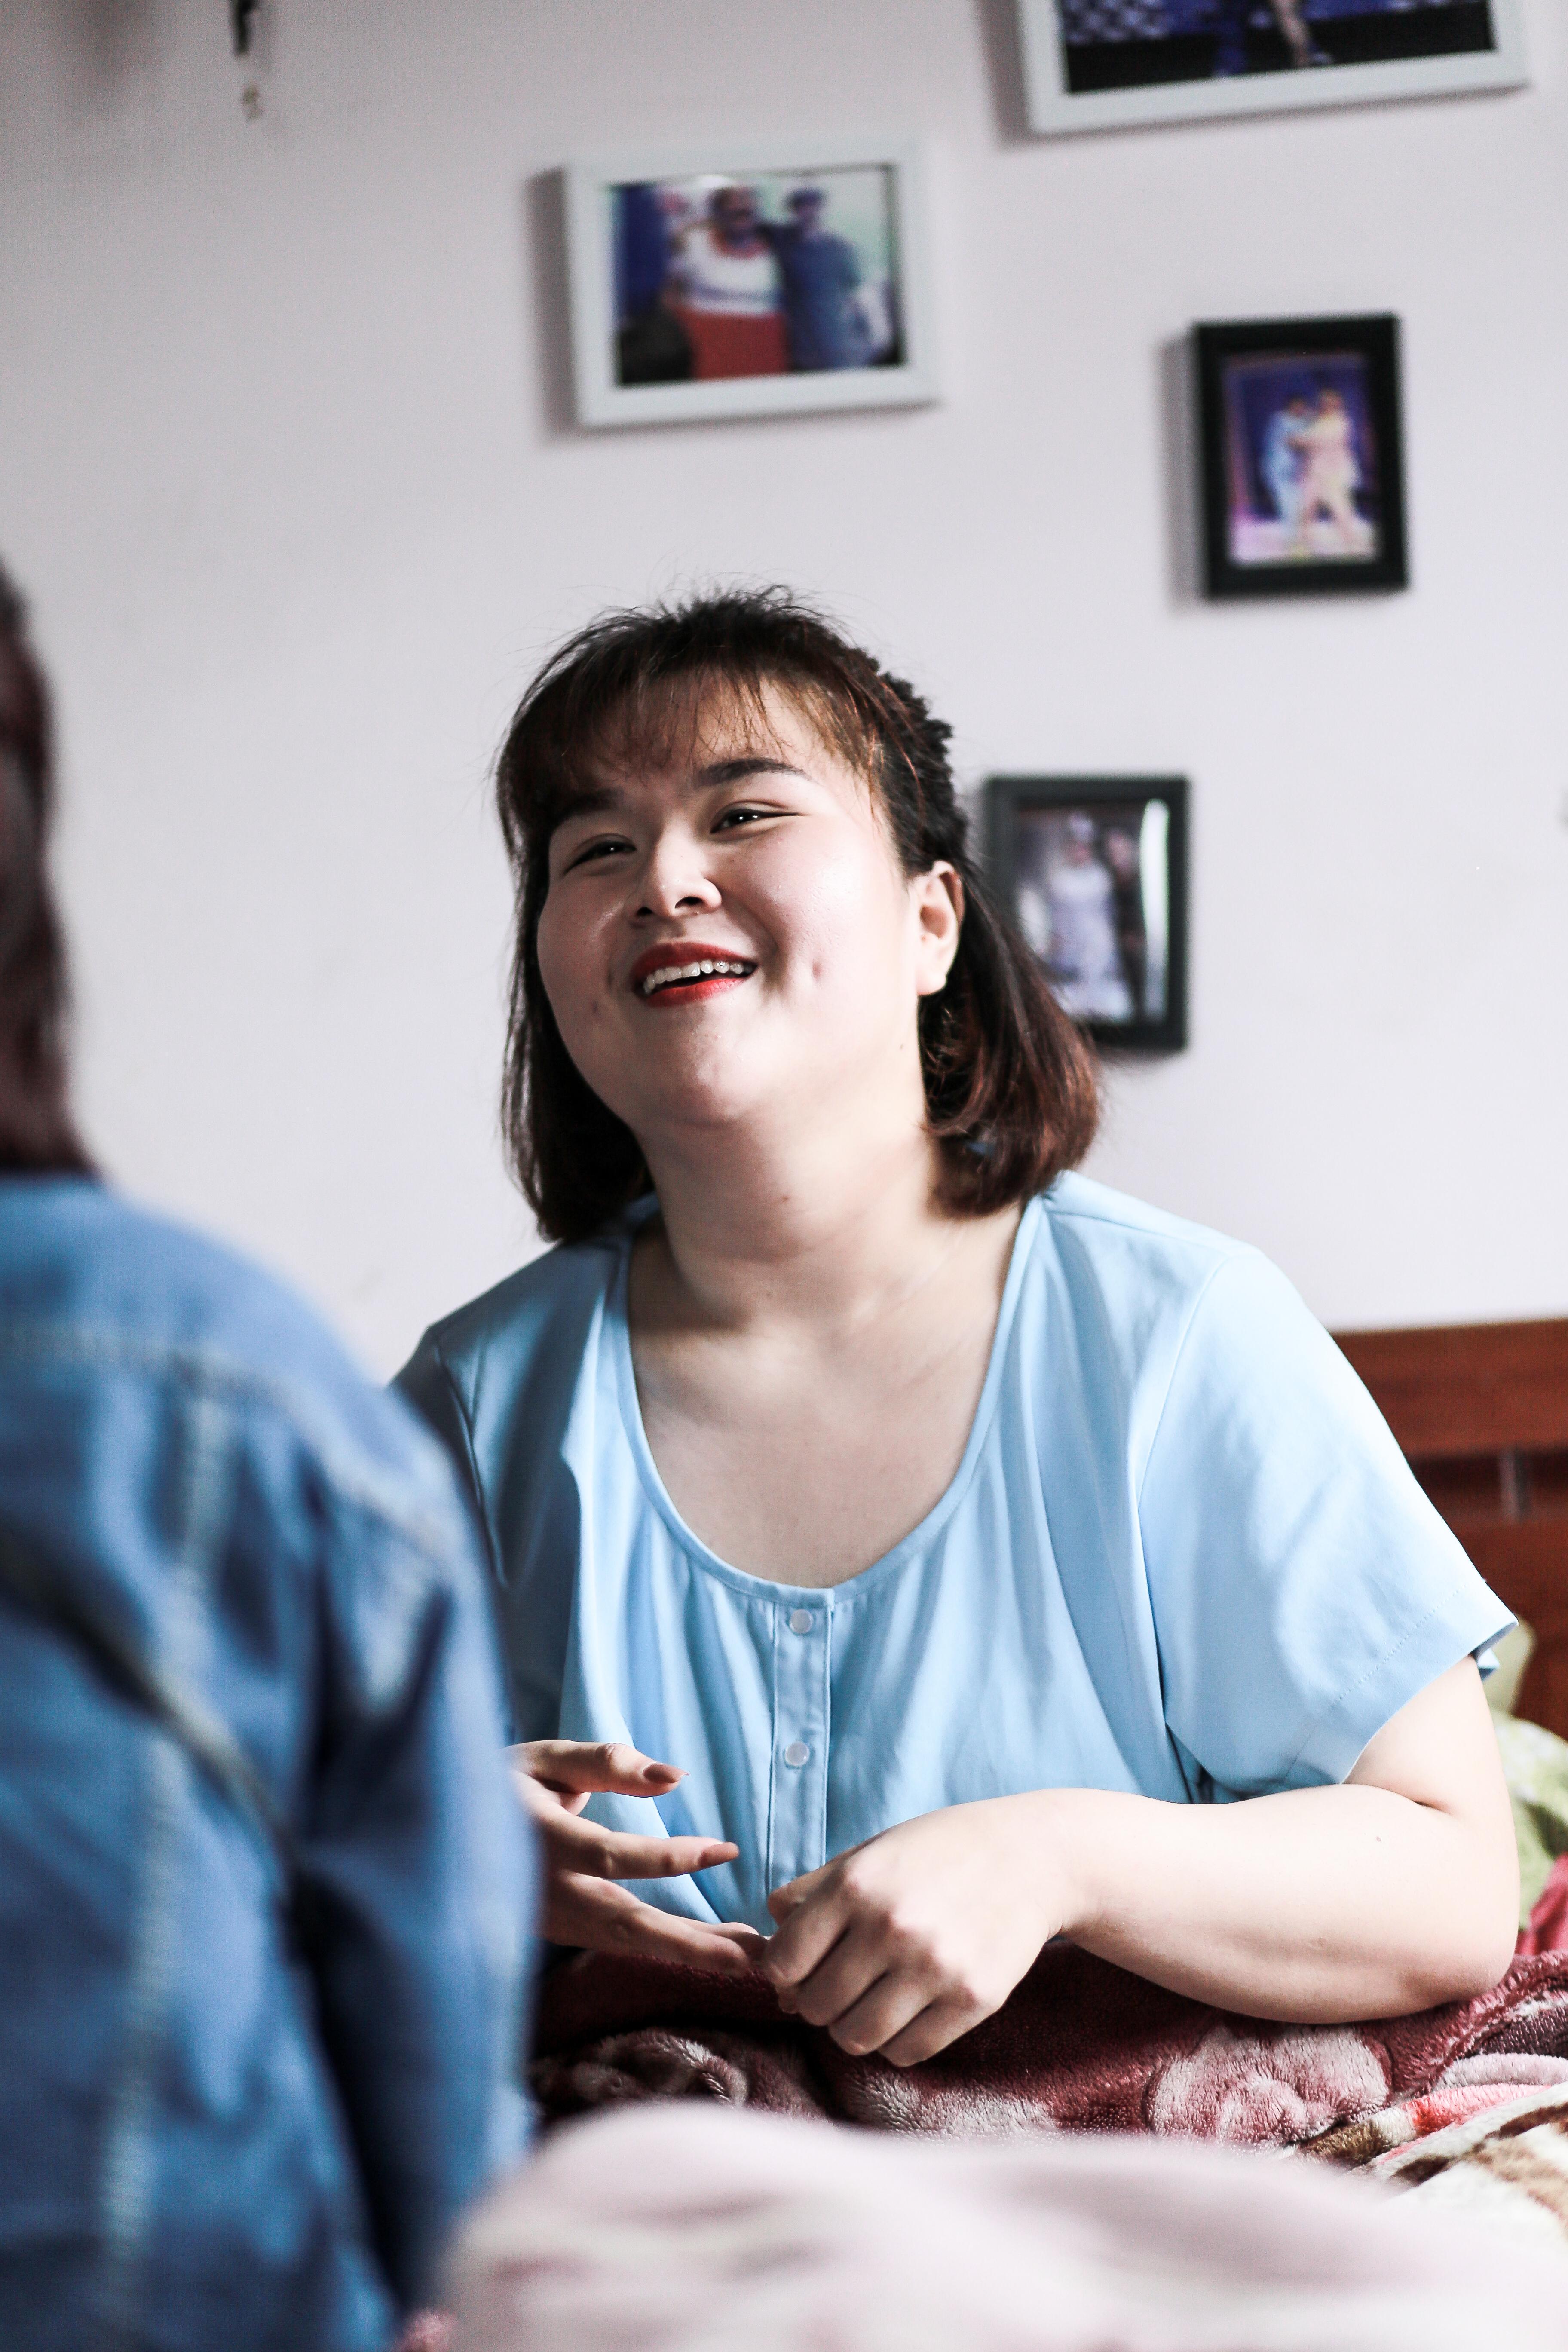 Từ câu chuyện bị đuổi diễn, sống khép mình vì béo đến quyết định cắt mỡ bụng giảm 40kg của Ngô Thủy Tiên! - Ảnh 9.